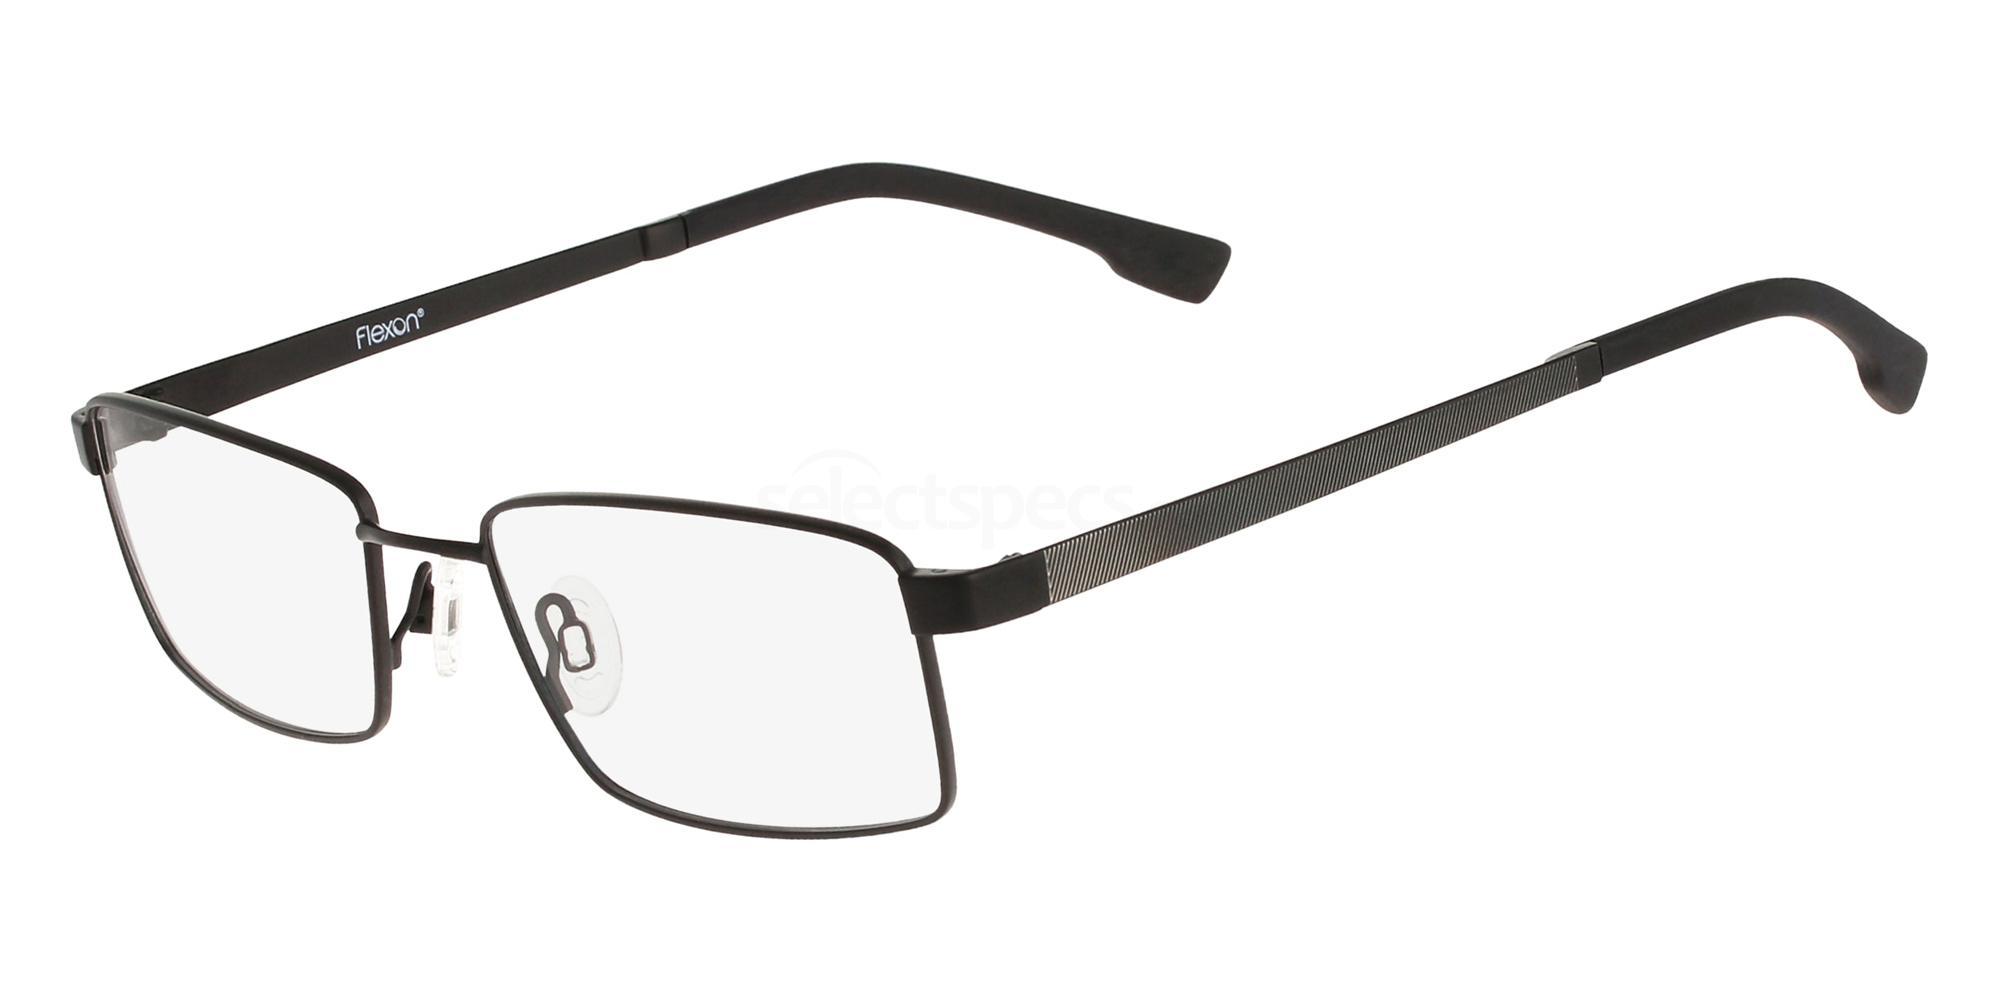 001 FLEXON E1028 Glasses, Flexon